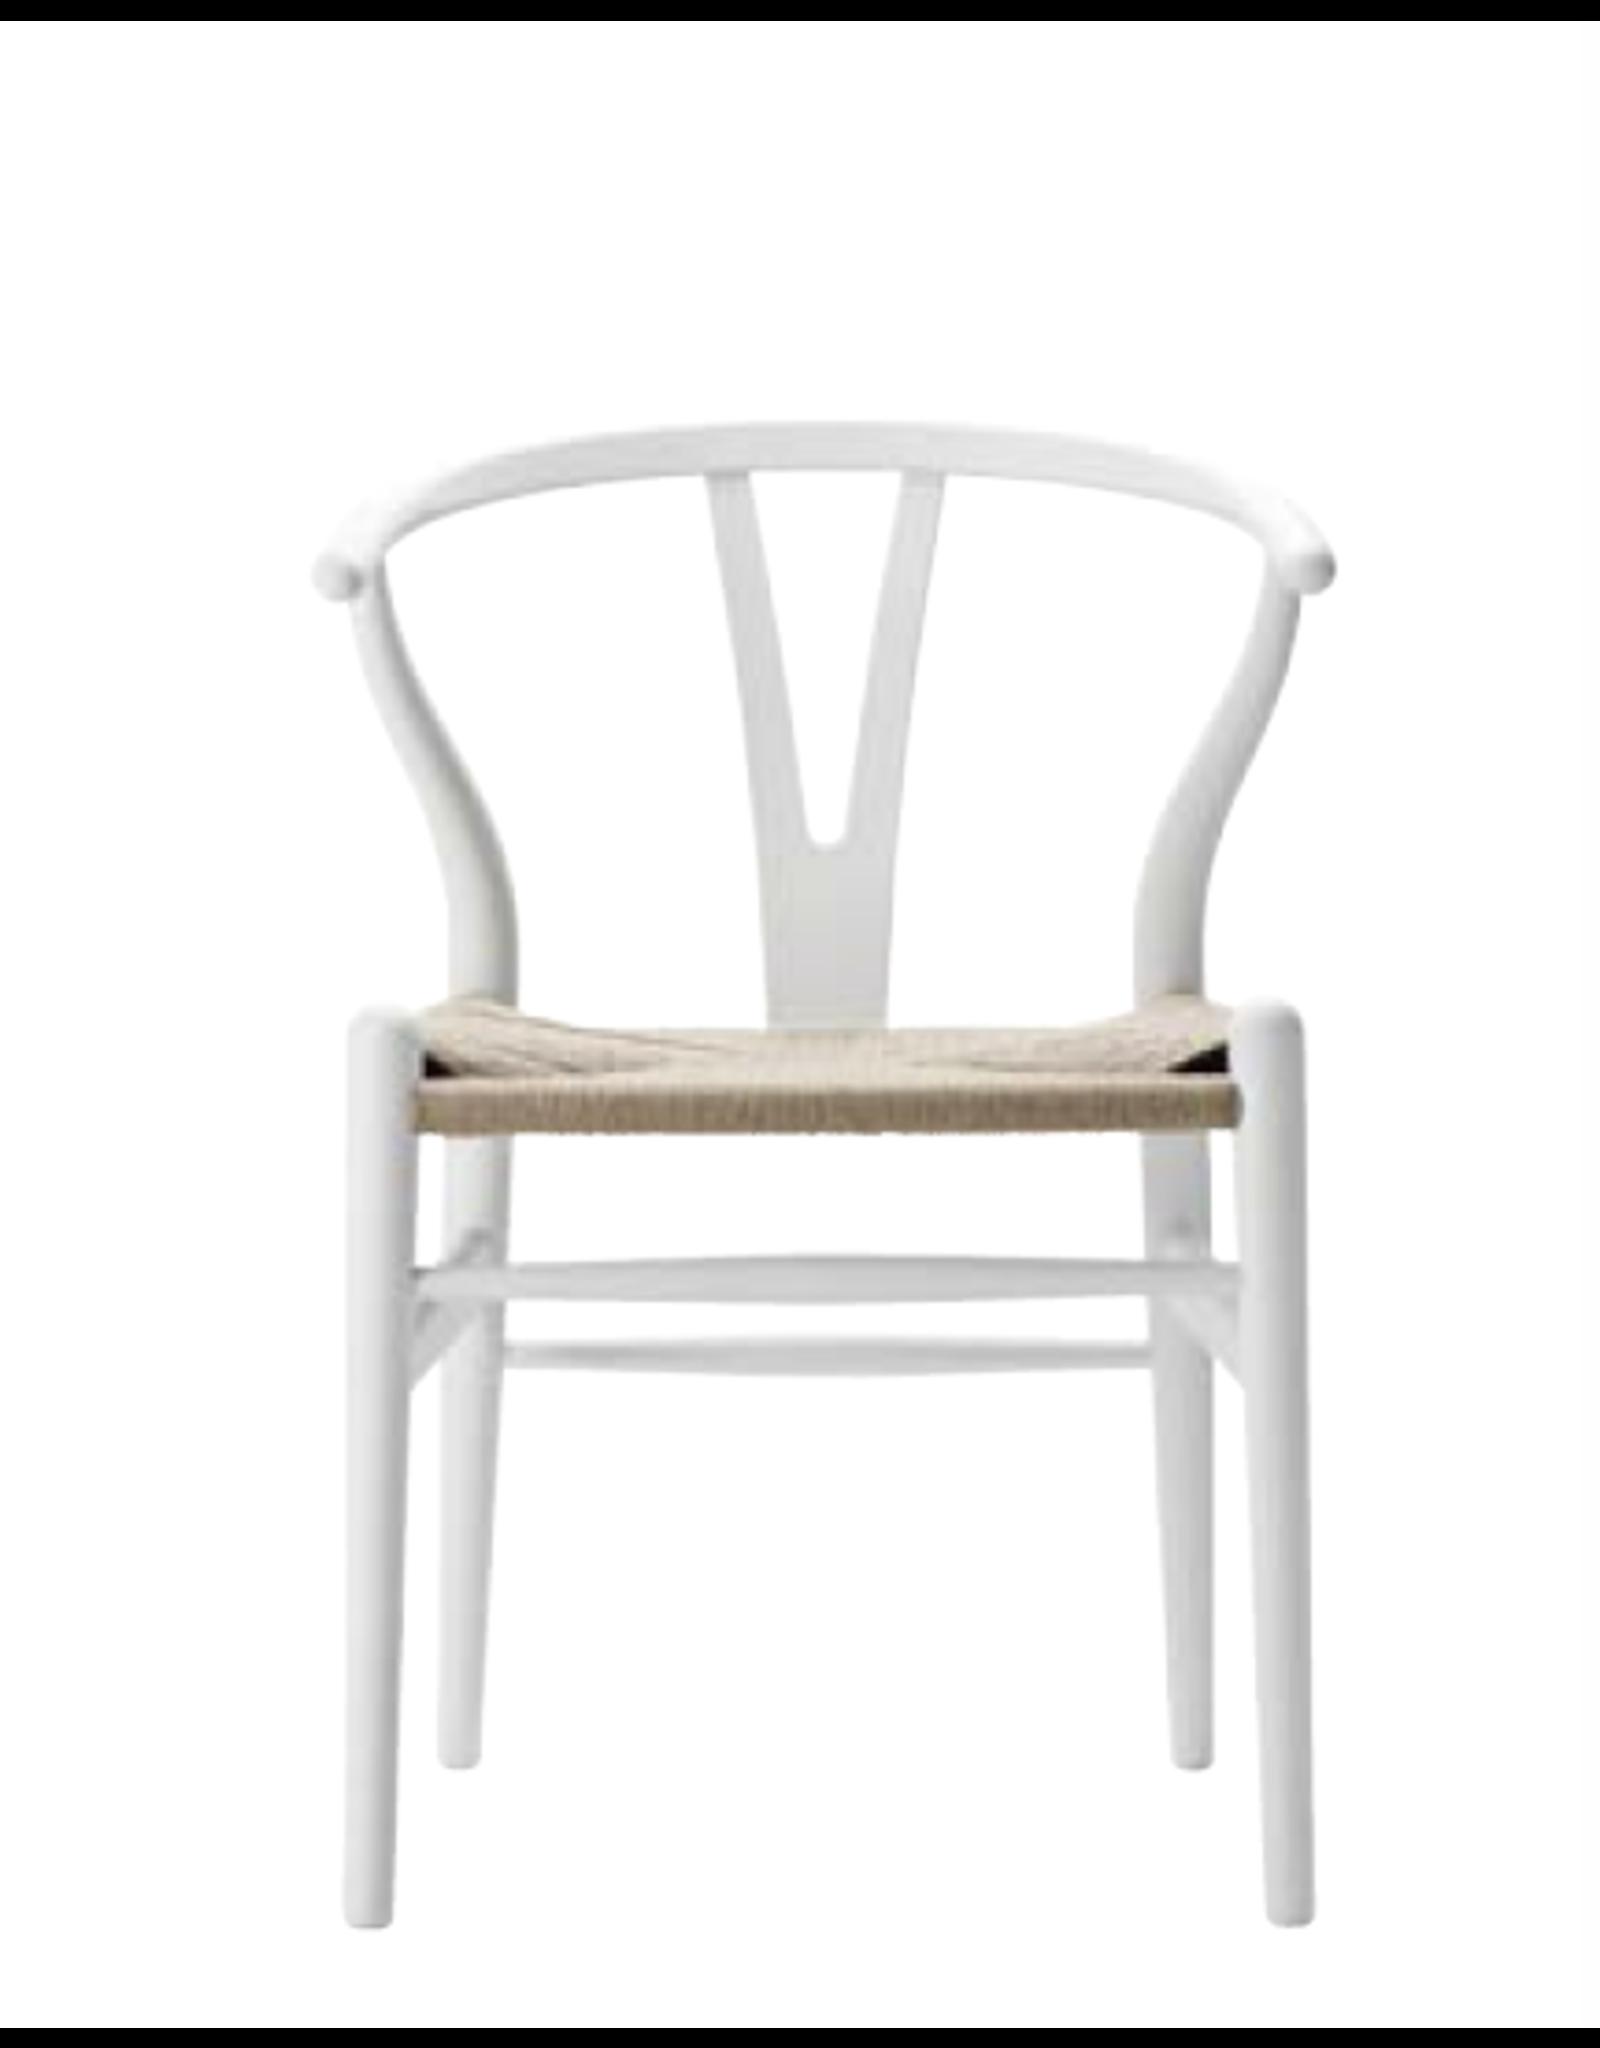 CARL HANSEN & SON CH24 限量版椅子, 柔和白色帶簽名的特殊版